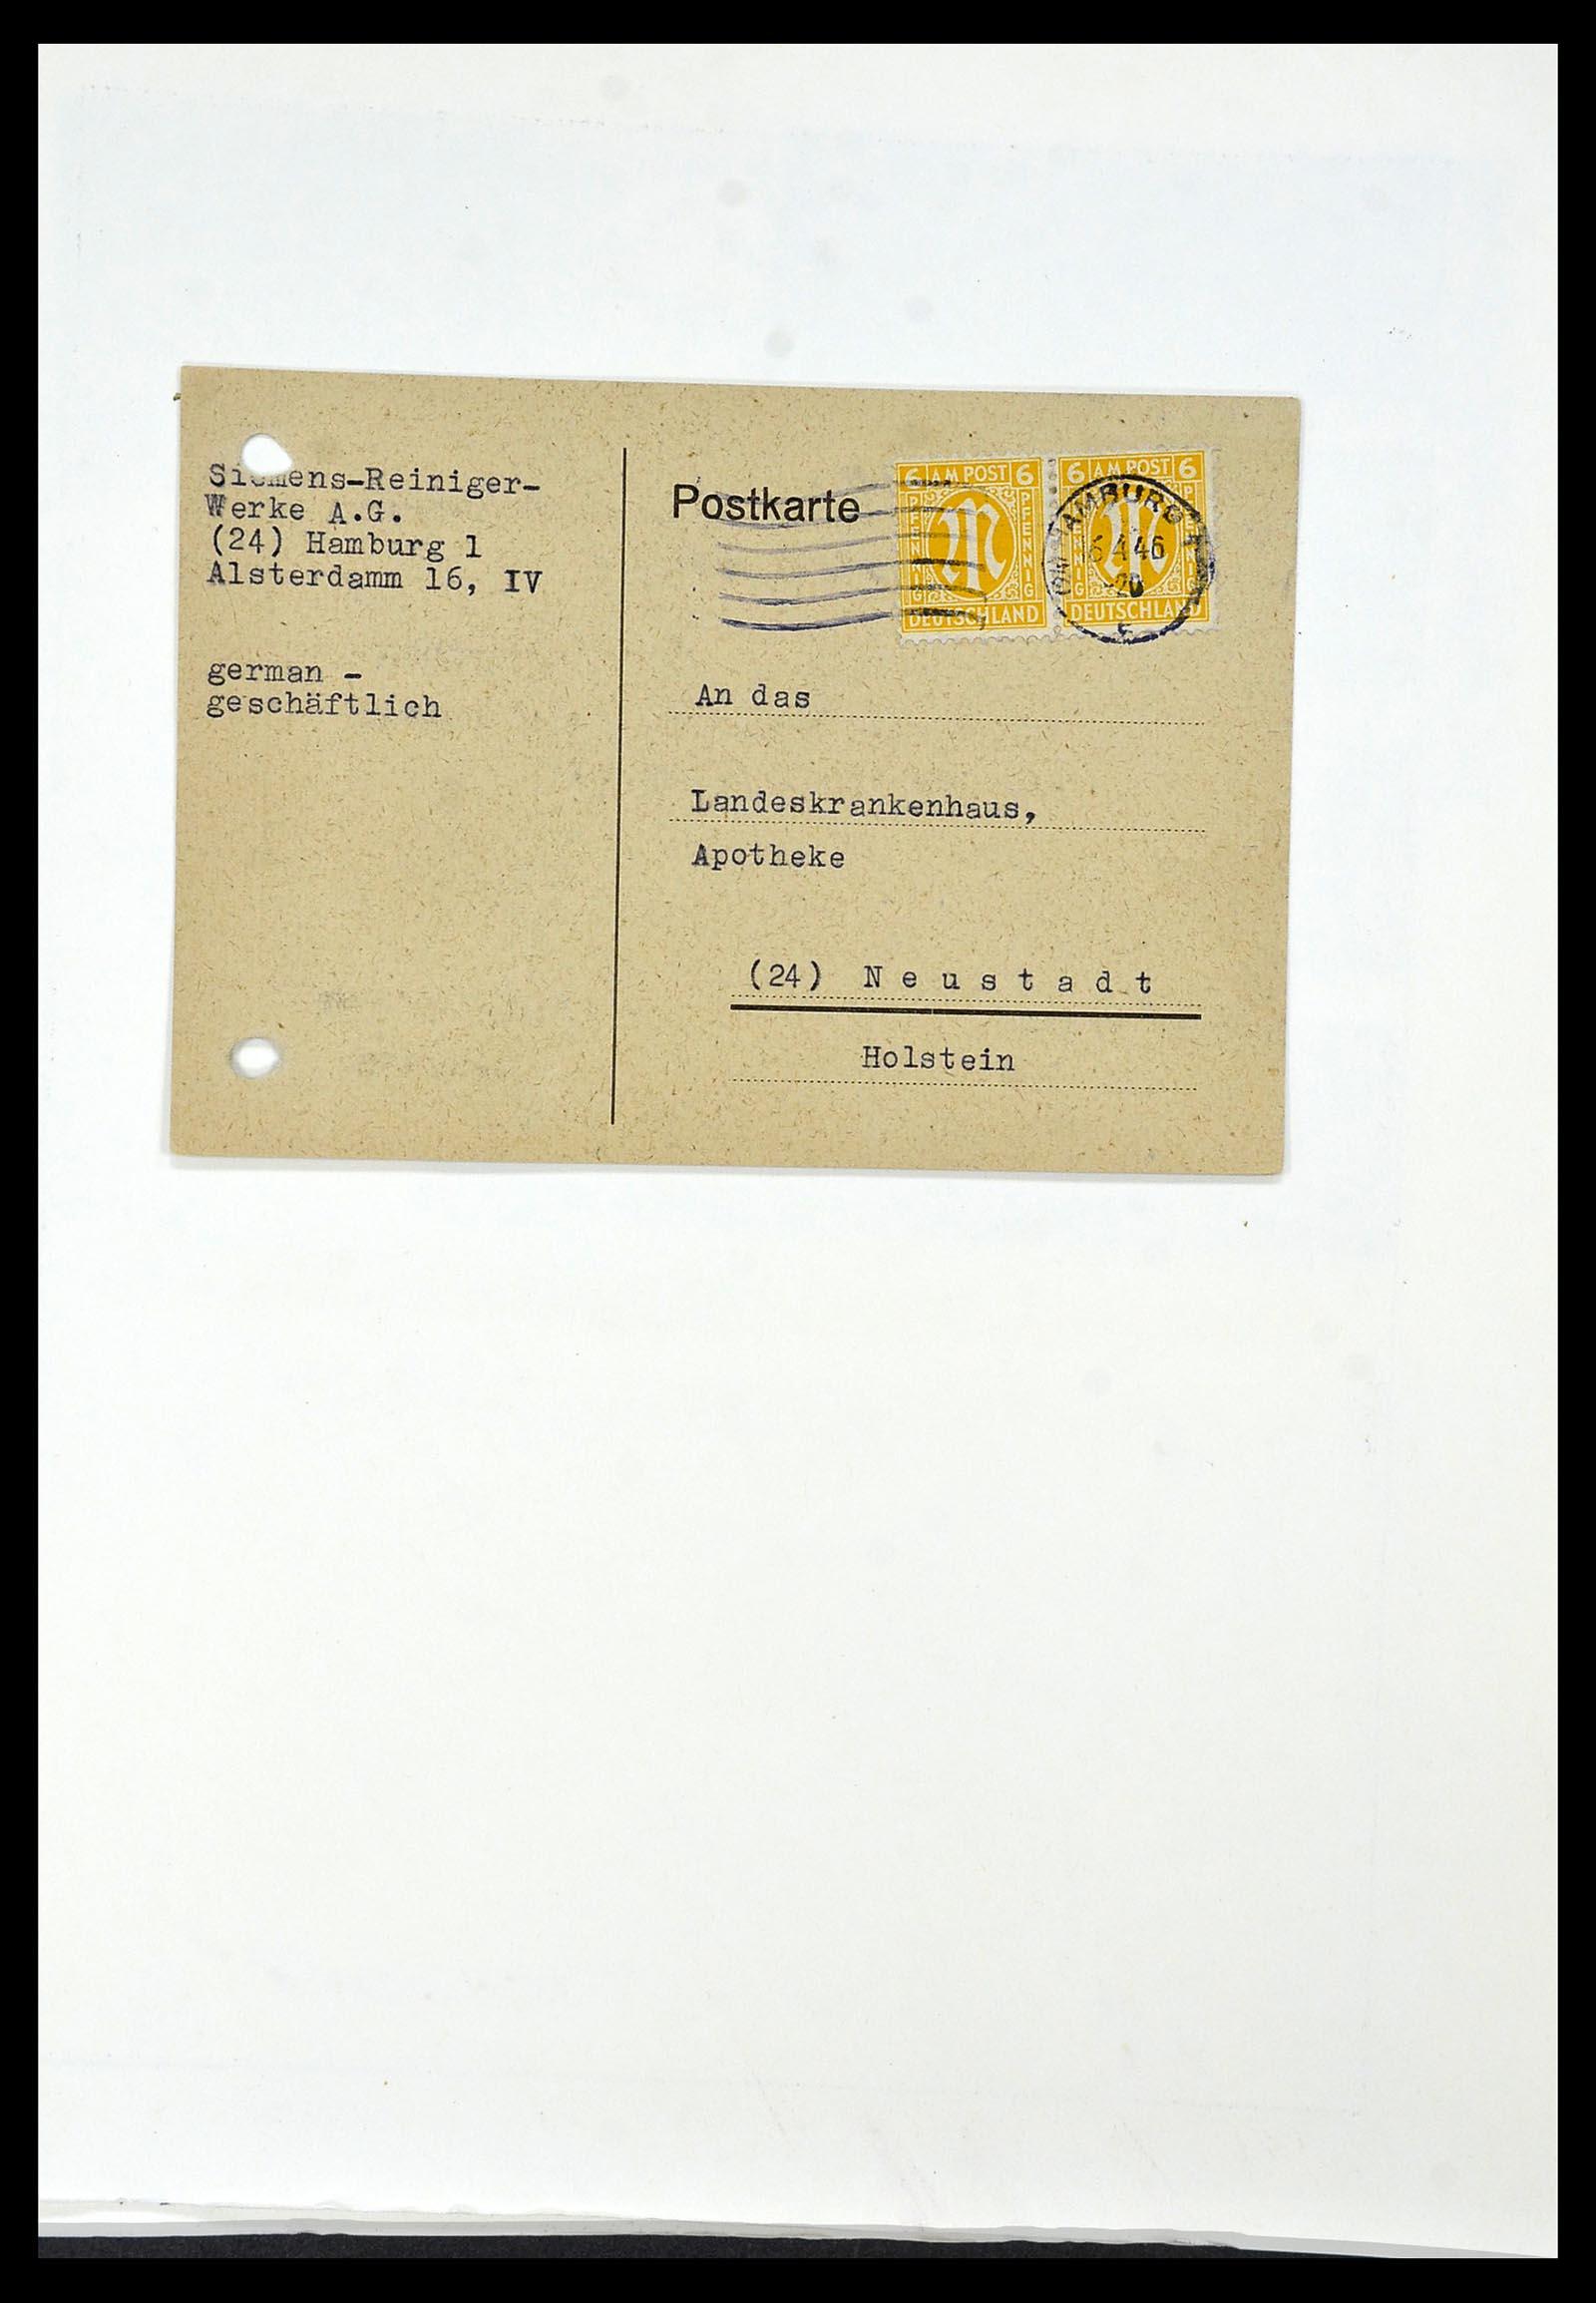 34152 020 - Postzegelverzameling 34152 Duitse Zones 1945-1949.